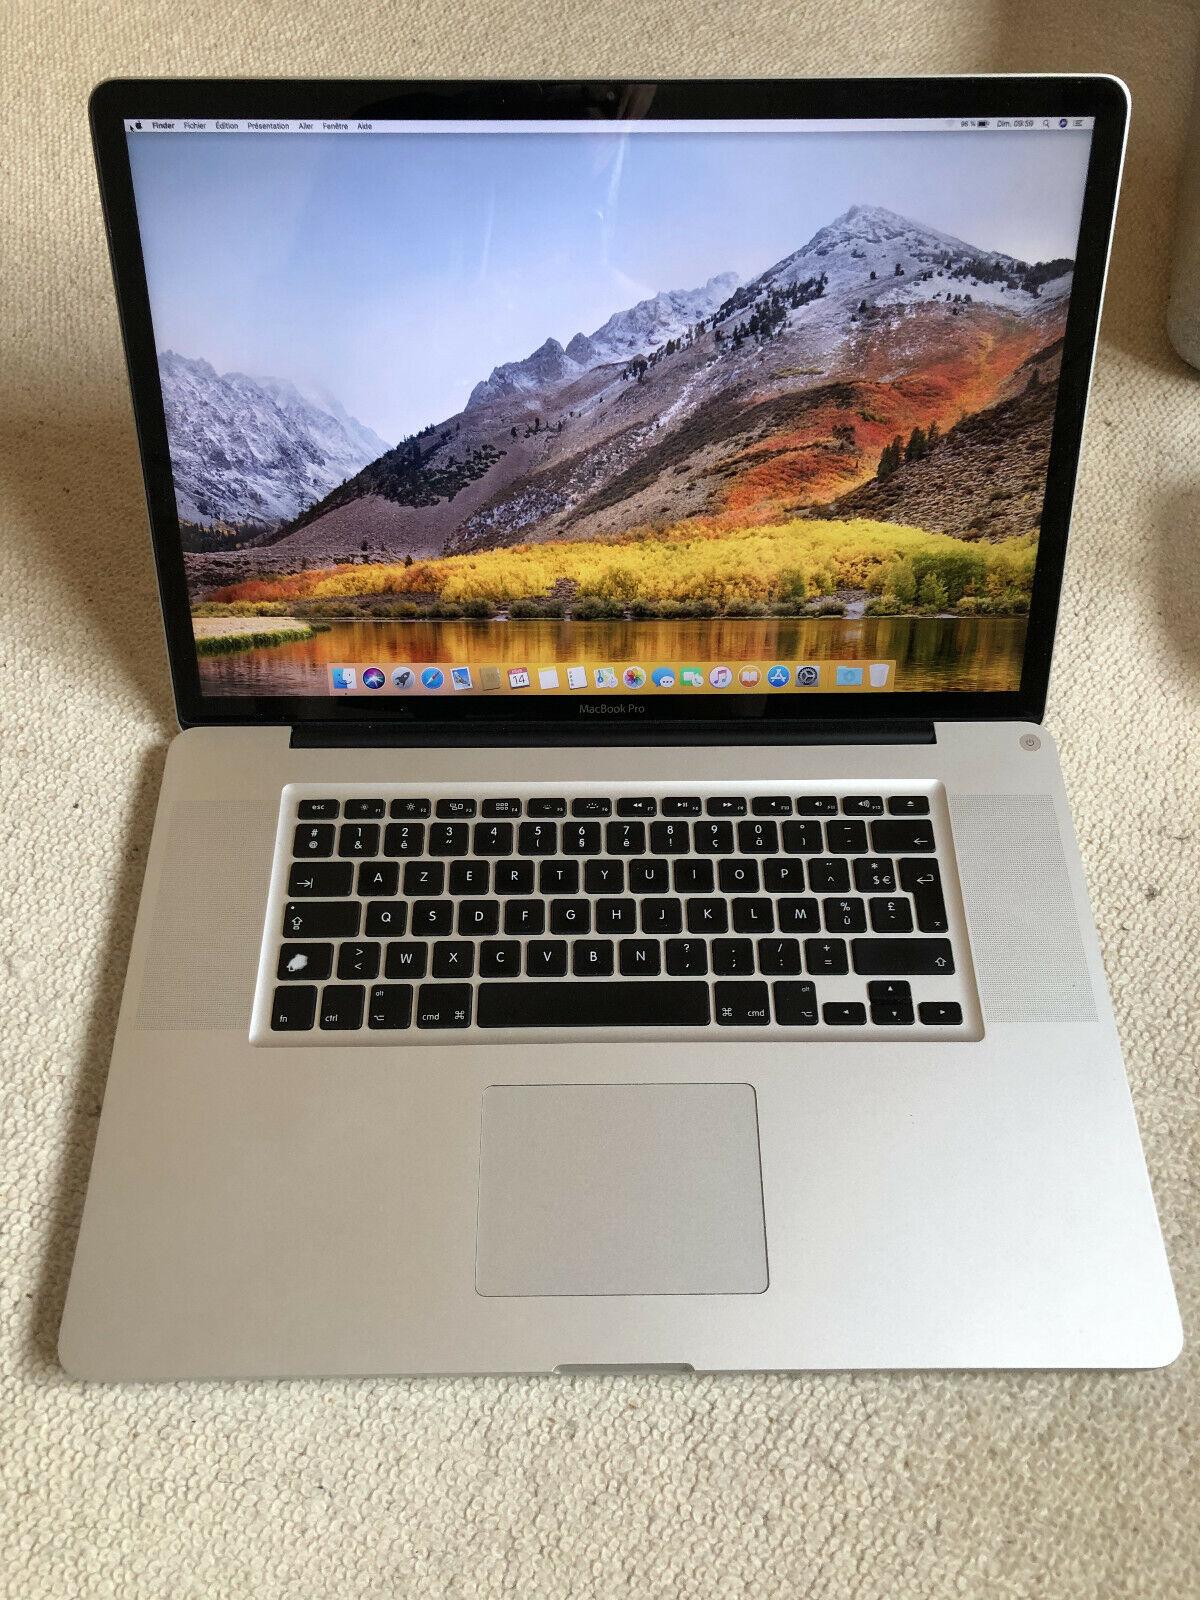 Macbook pro 17 pouces  fin 2011 ram de 16go ram, dd de 750go, intel à 2,4ghz